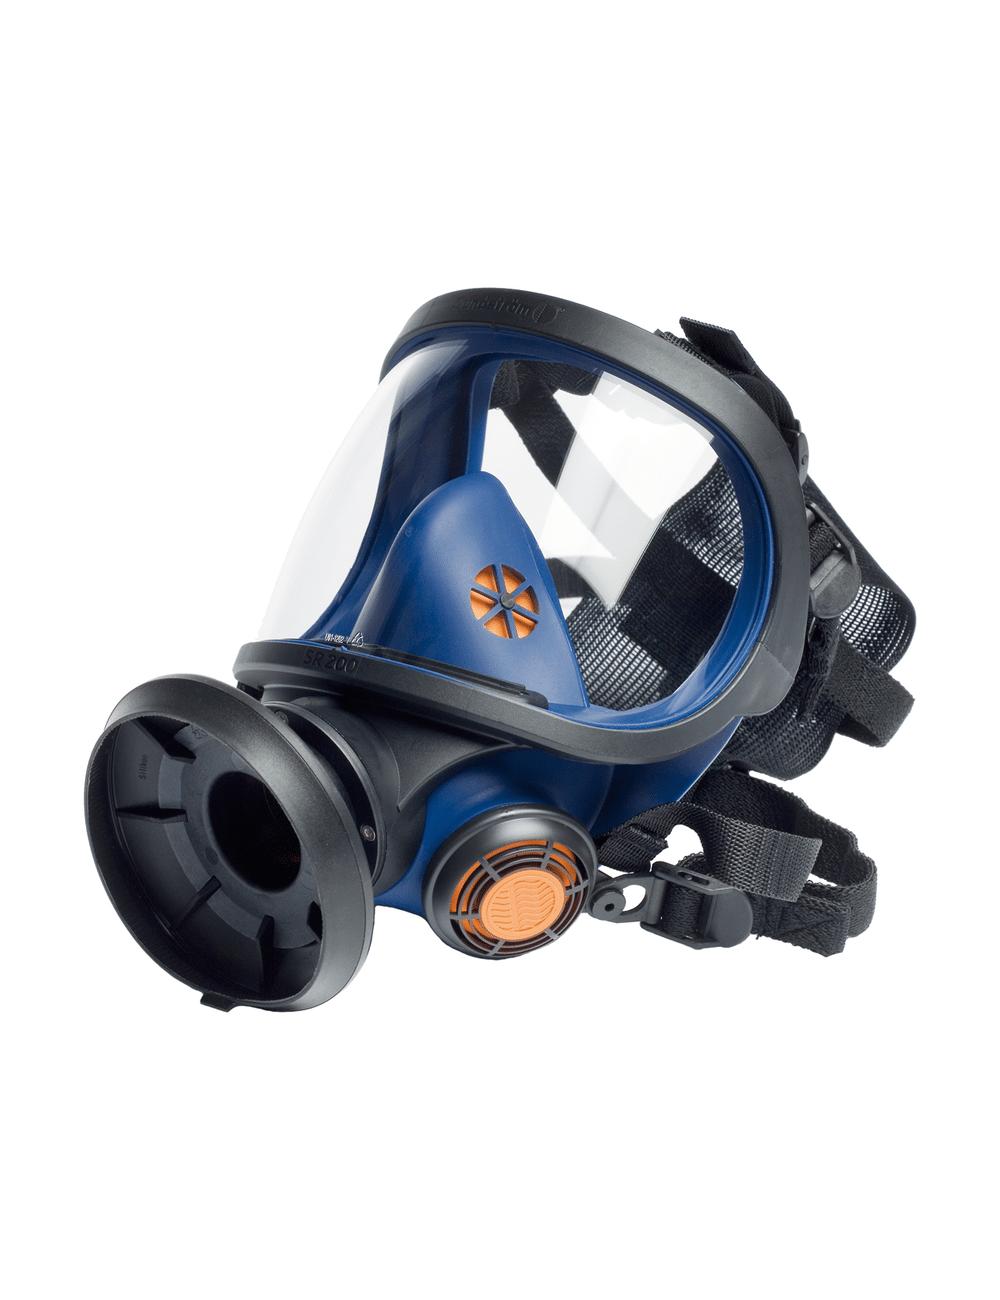 Sundstrom SR 200 maska wizjer PC H01-1312